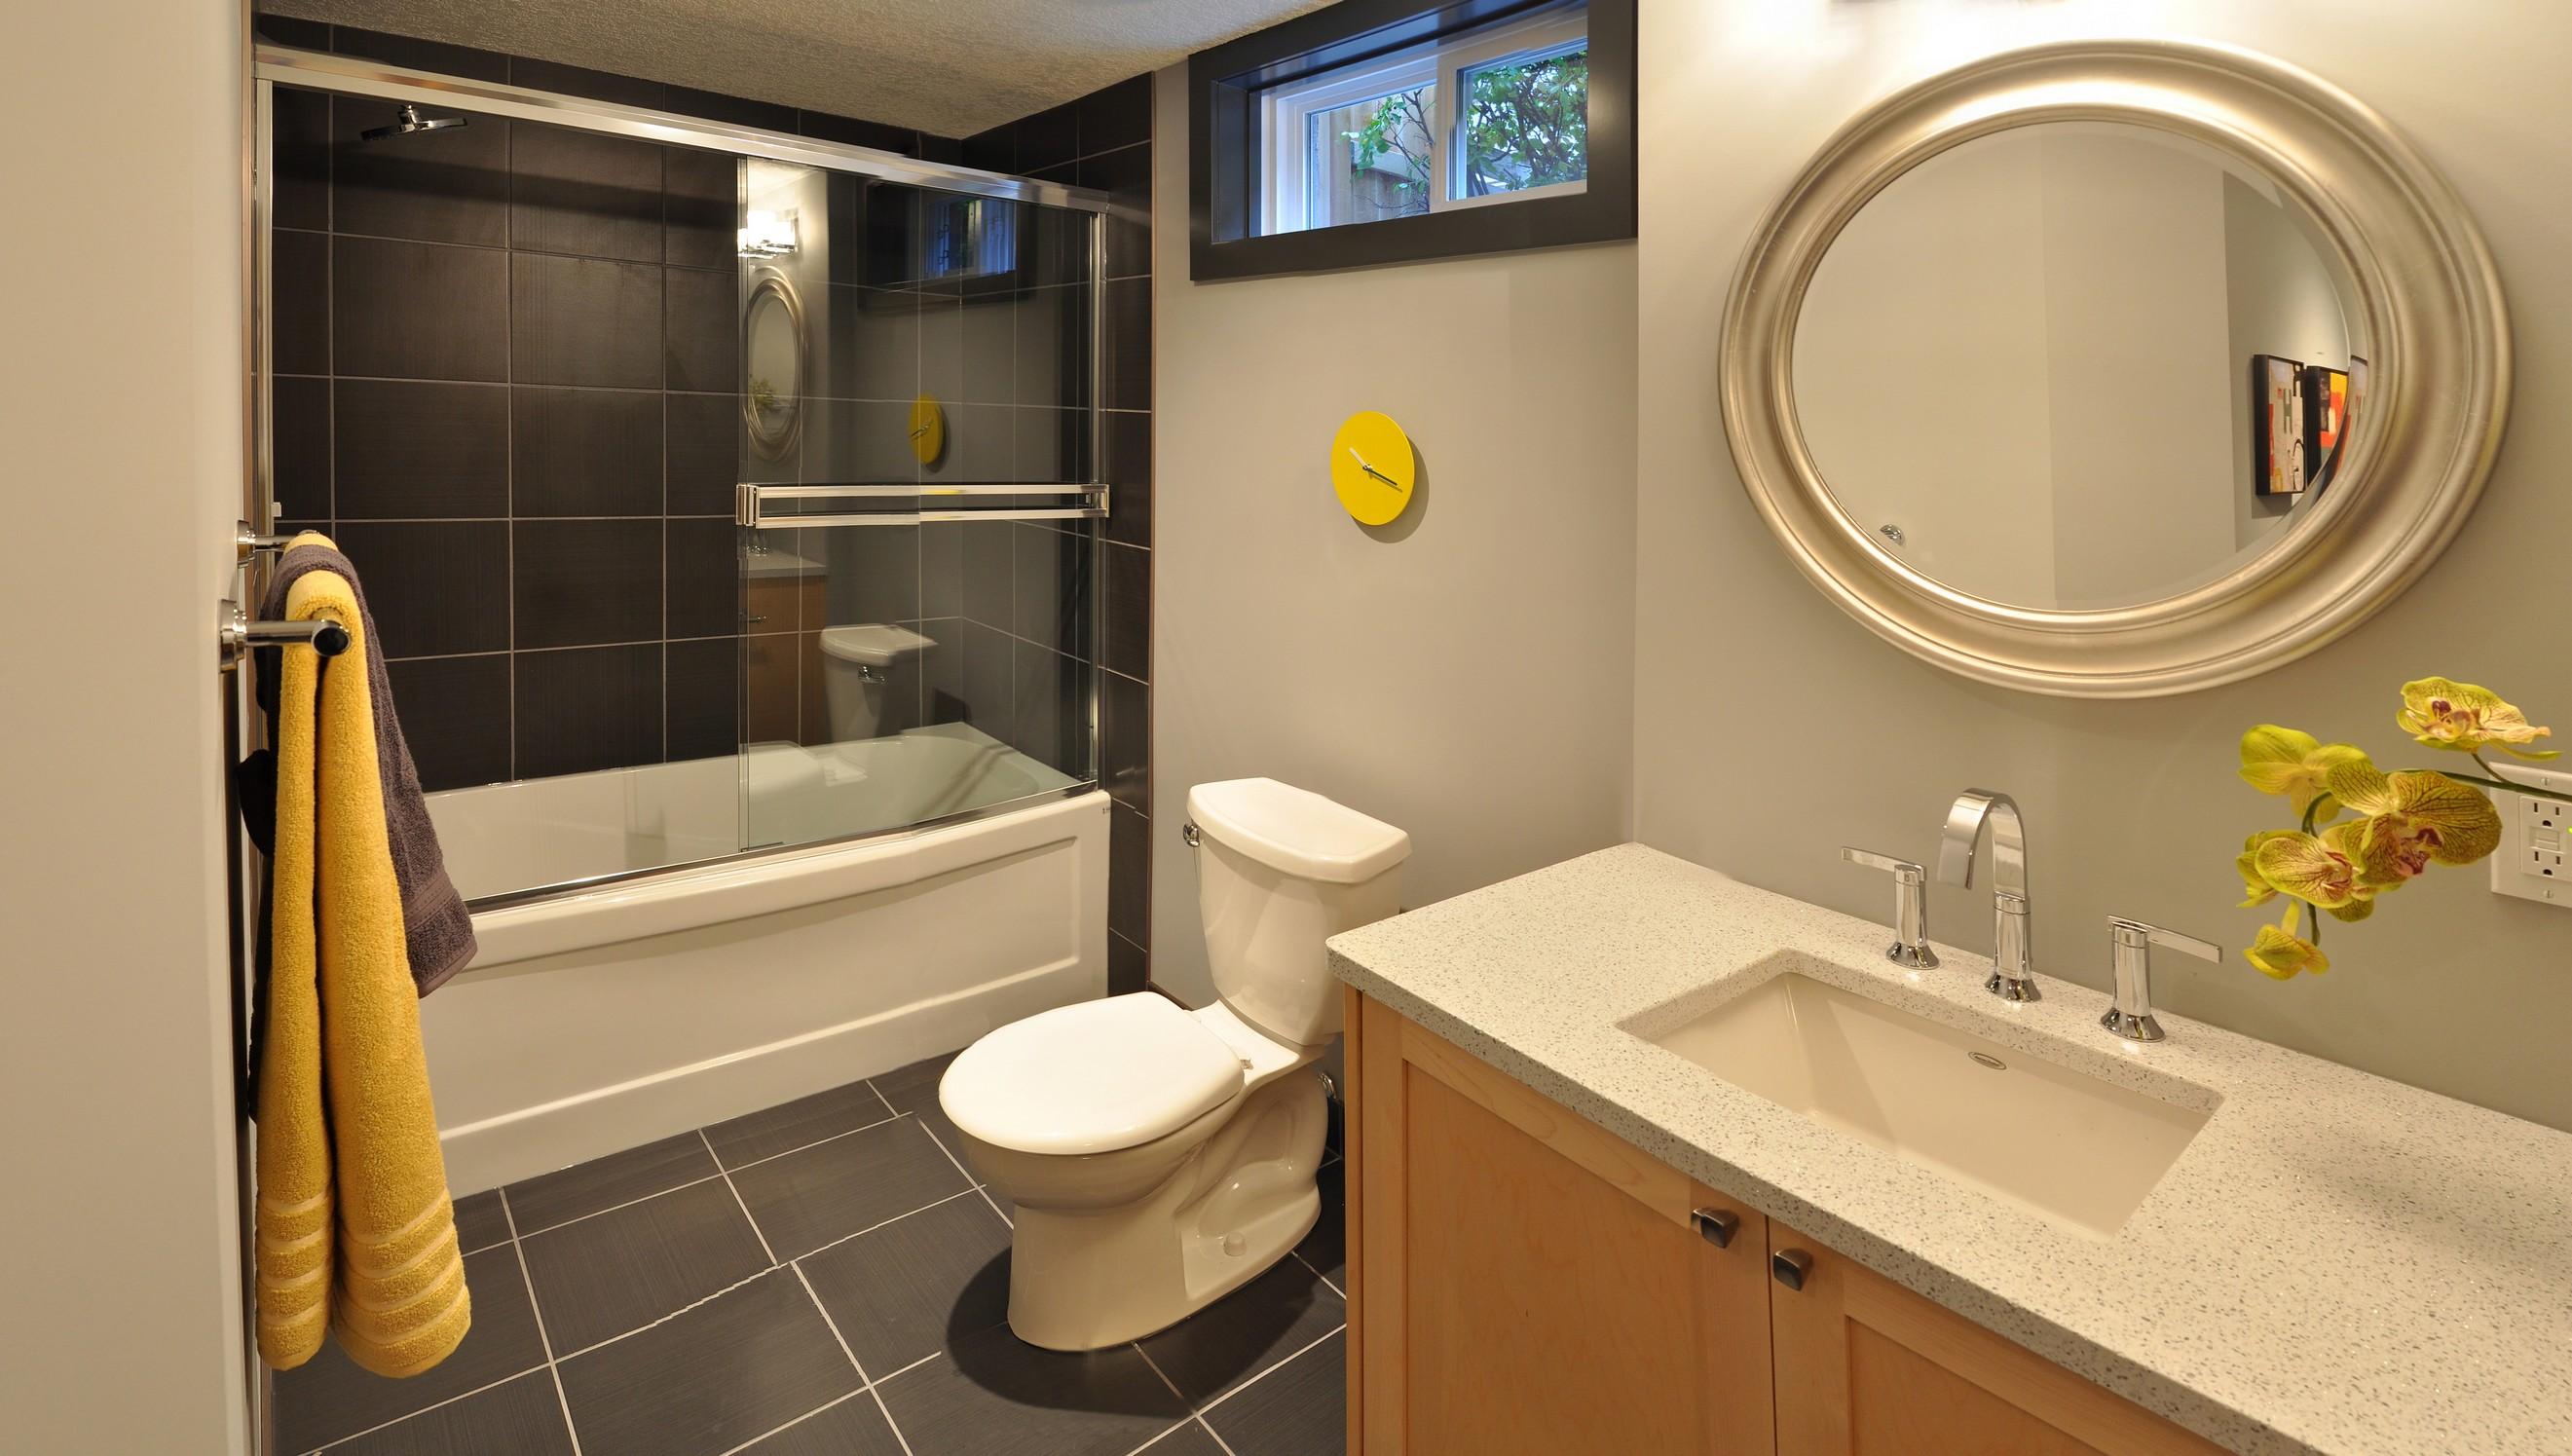 Kingsland after - Bathroom